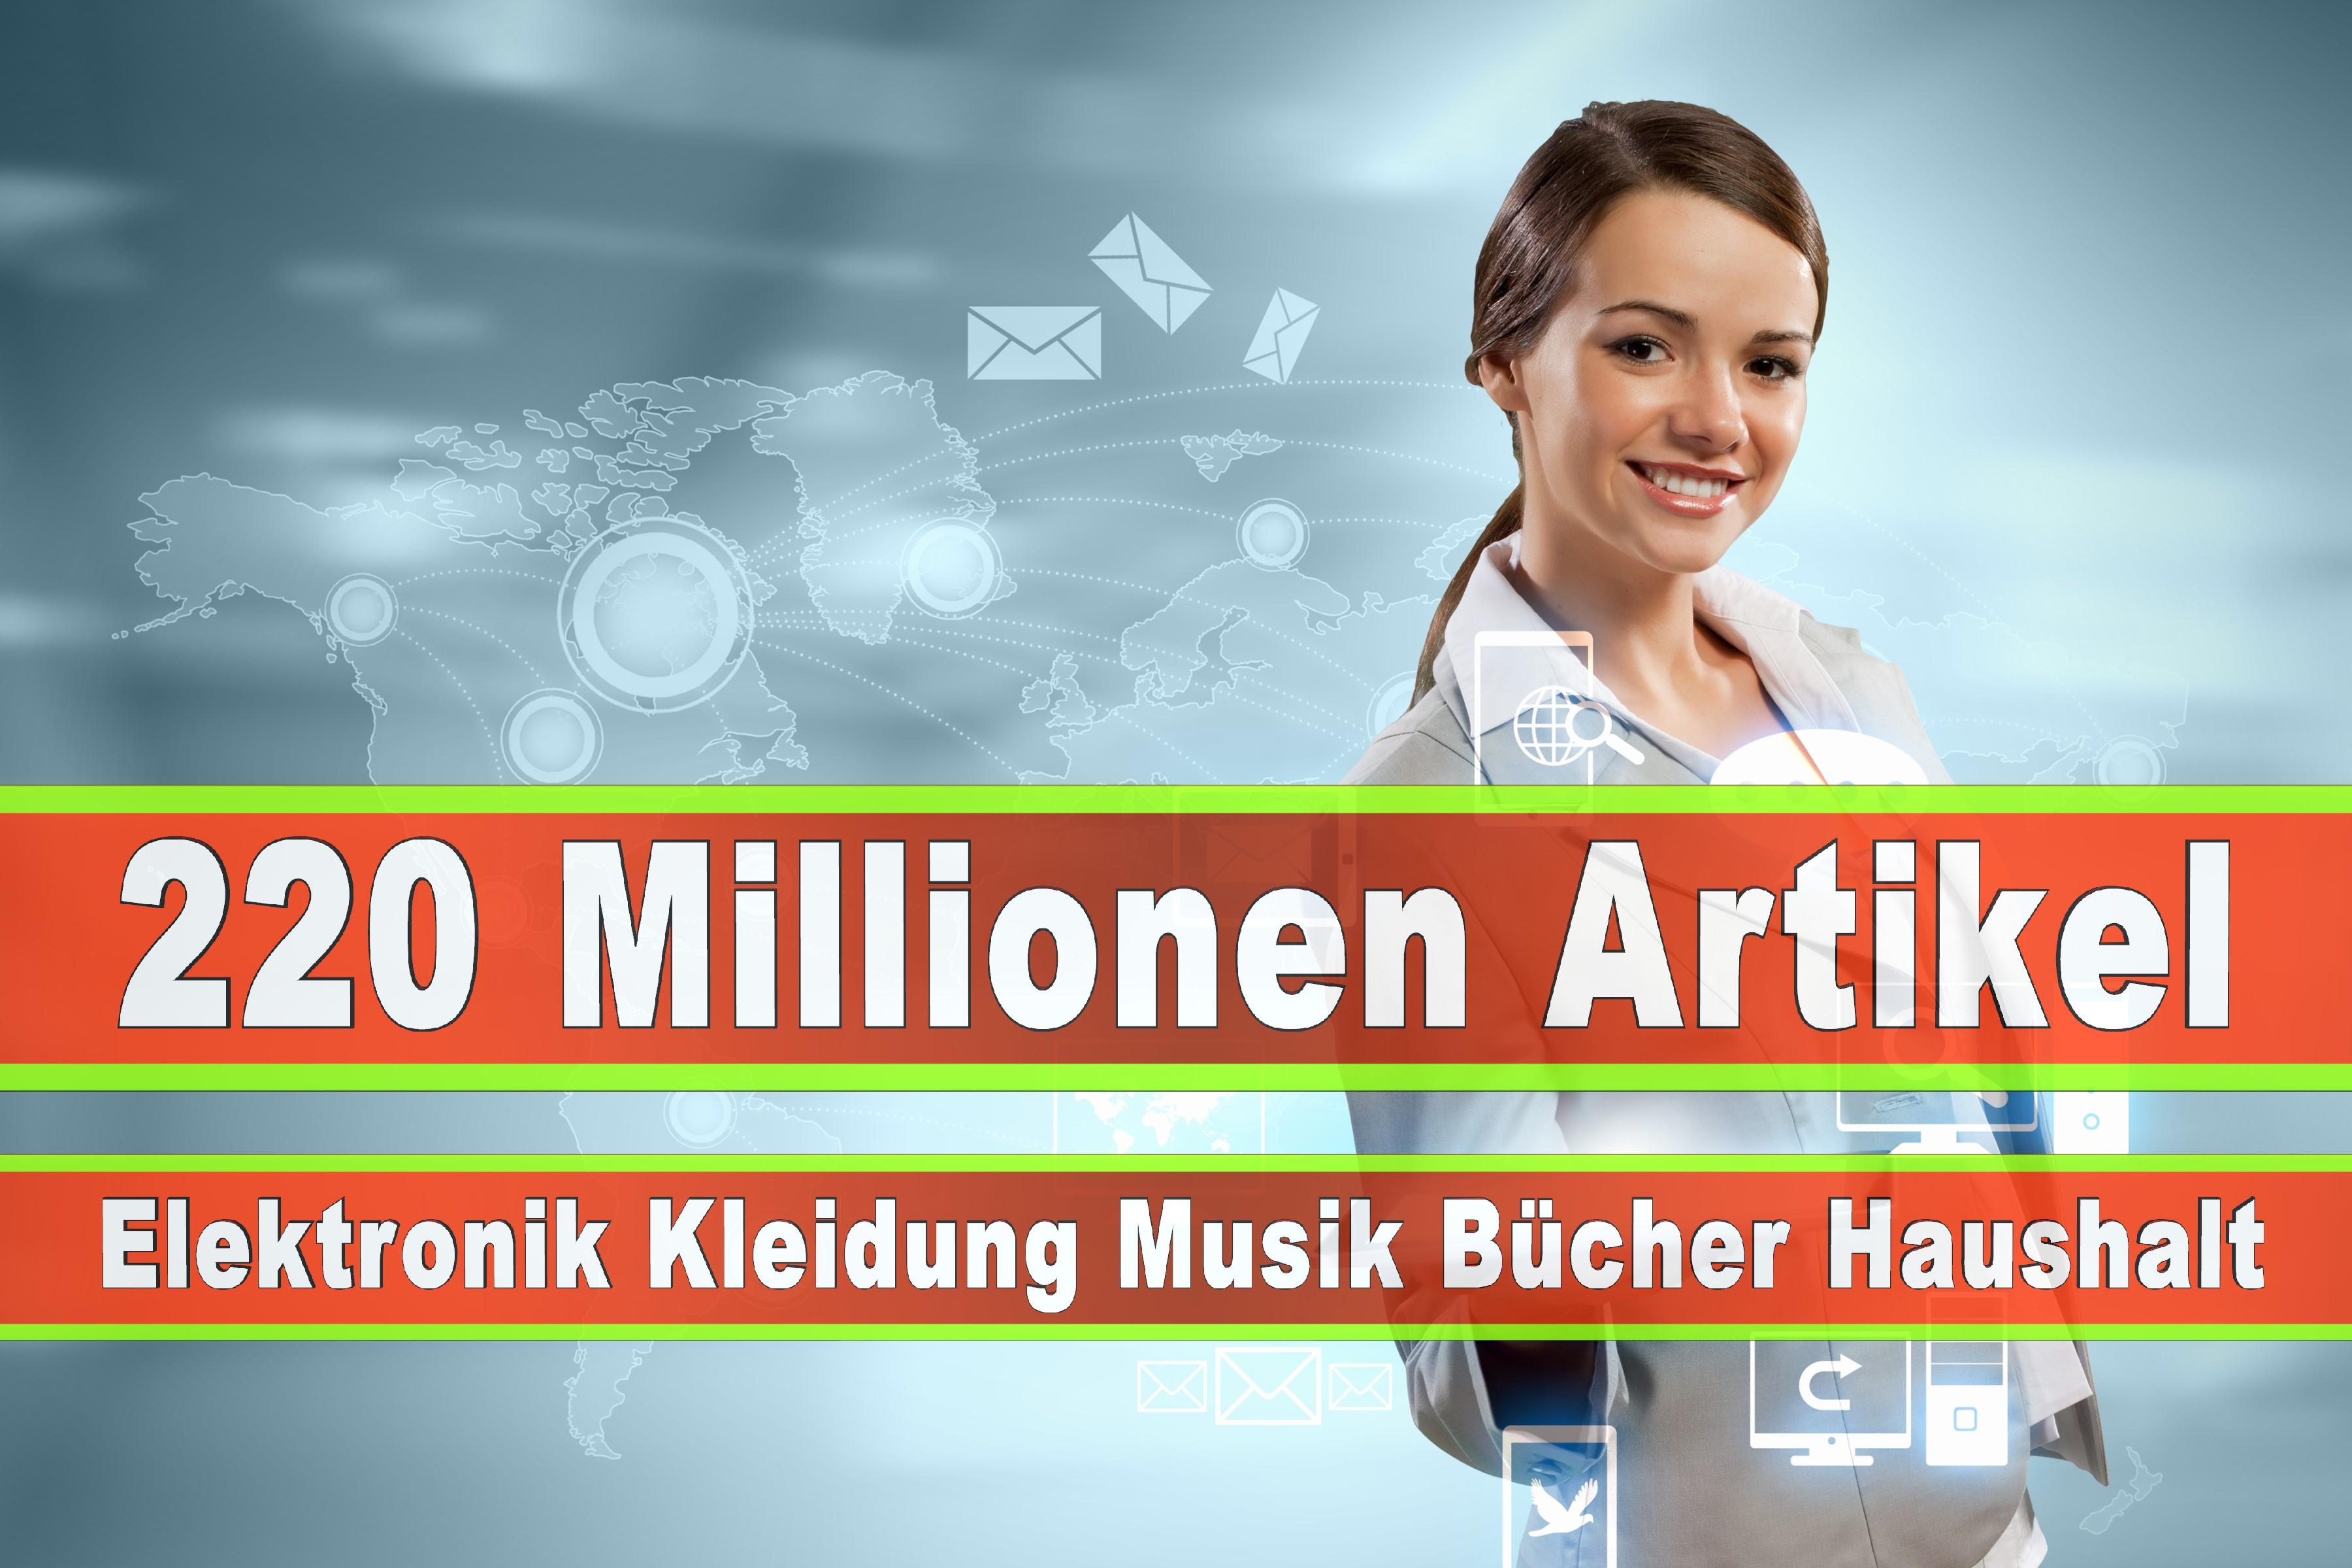 Amazon Elektronik Musik Haushalt Bücher CD DVD Handys Smartphones TV Television Fernseher Kleidung Mode Ebay Versandhaus (40)